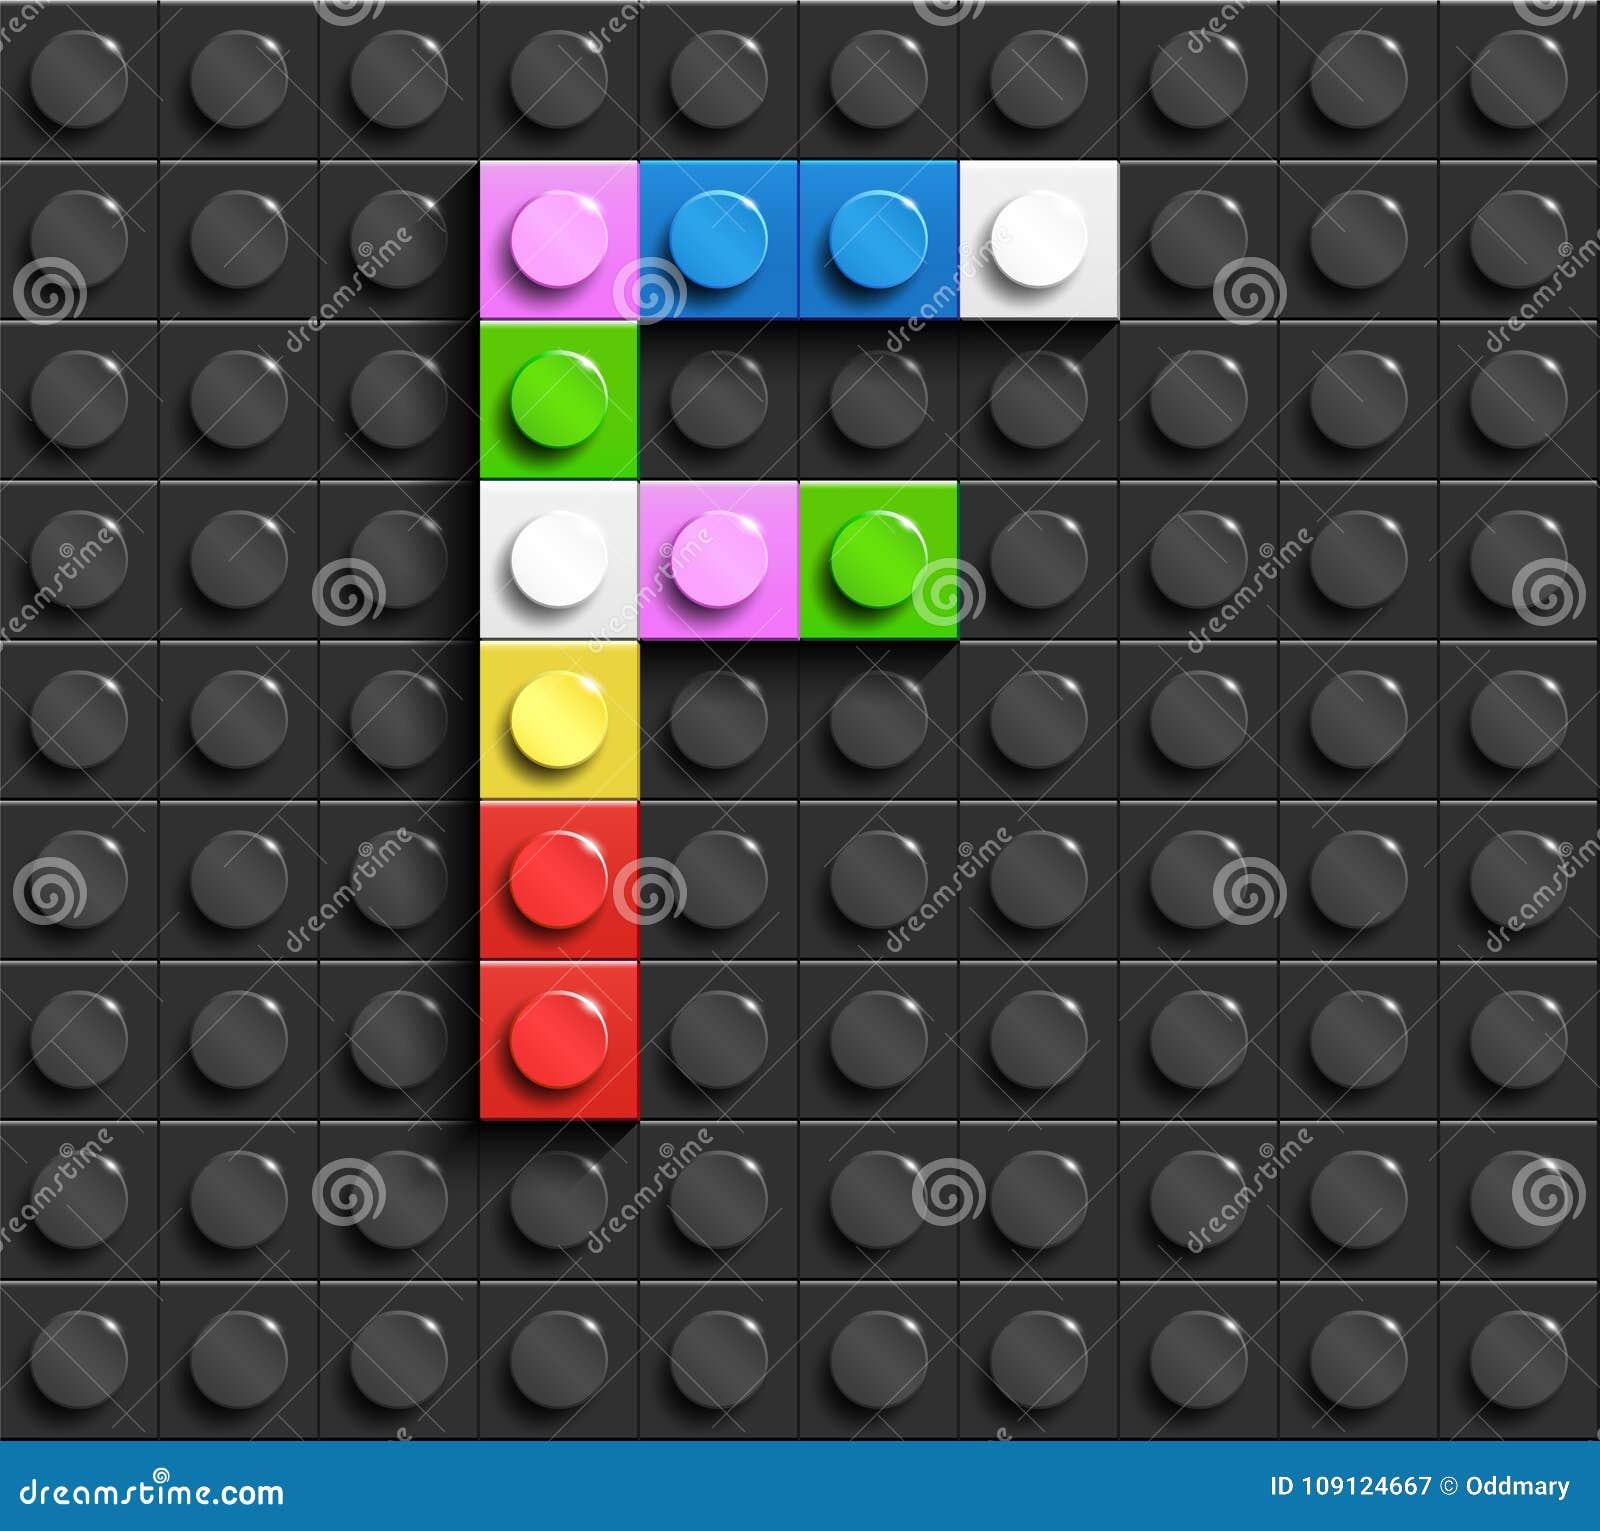 Letras coloridas F del alfabeto de ladrillos del lego del edificio en fondo negro del ladrillo del lego fondo del lego cartas 3D